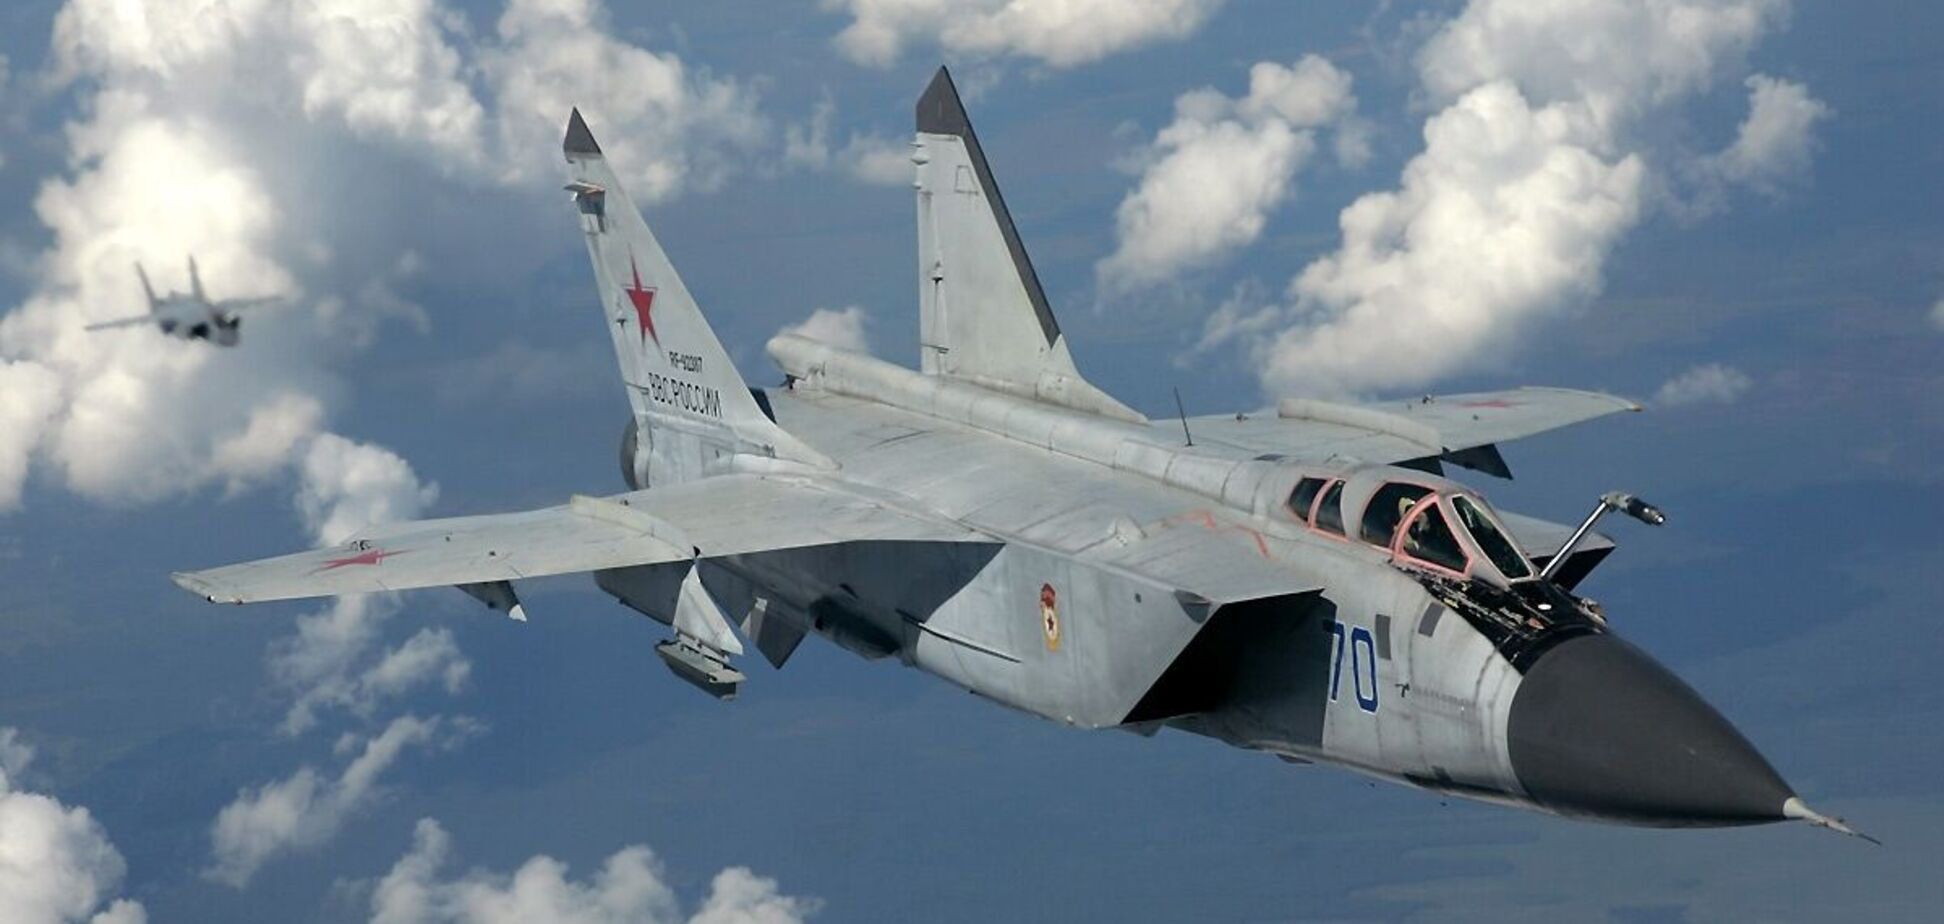 В России заявили о перехвате американского военного самолета. Видео